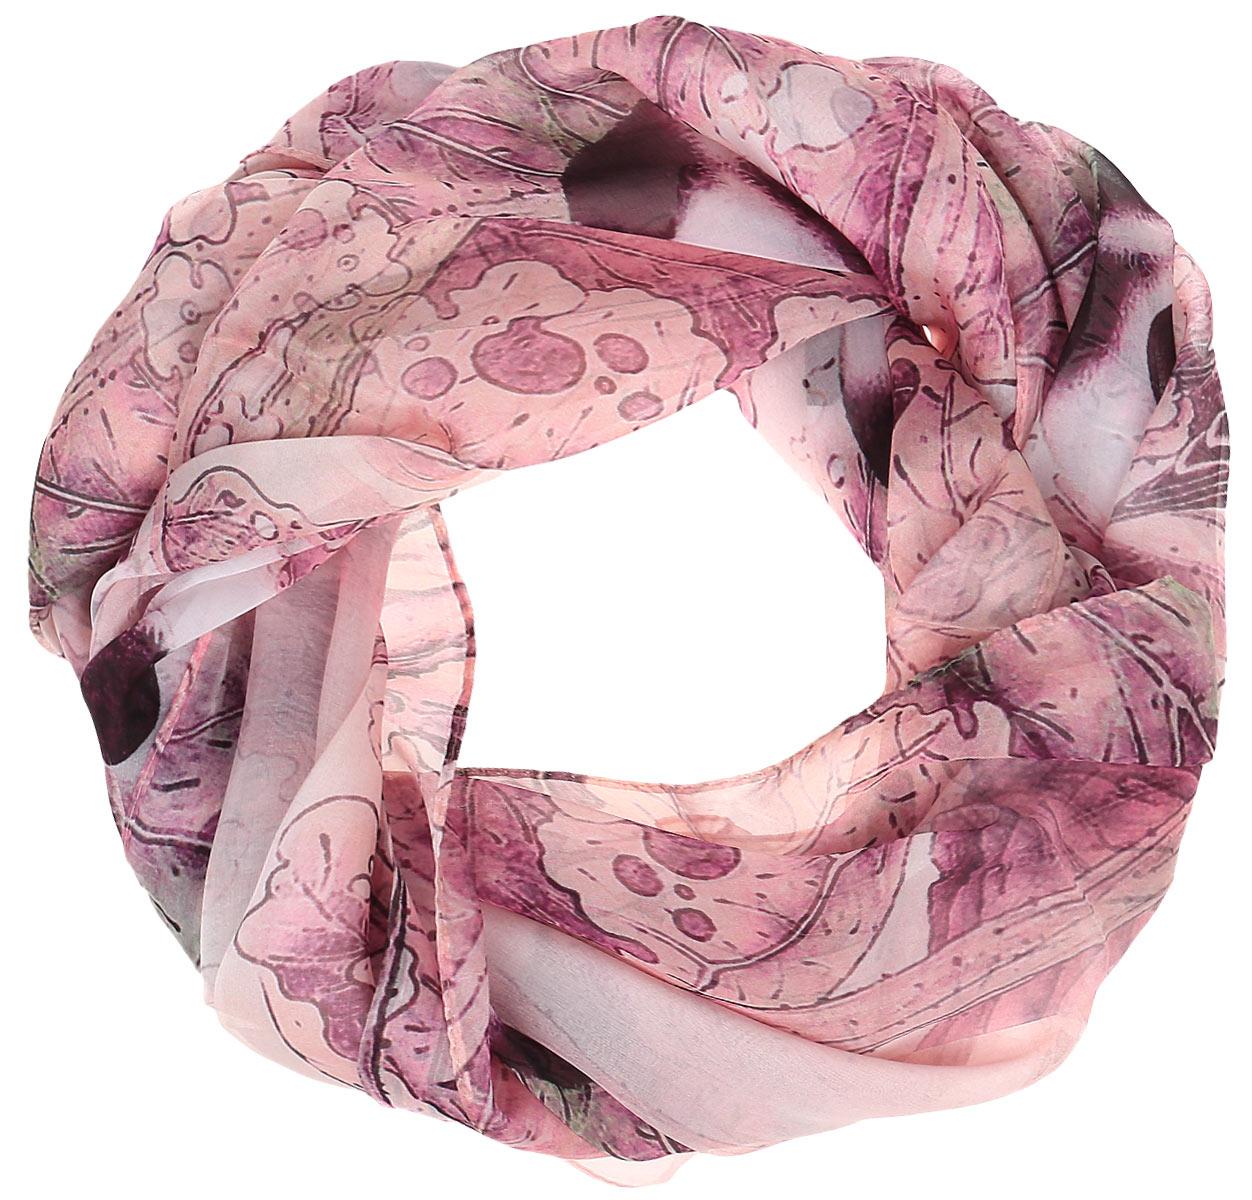 Палантин Eleganzza, цвет: розовый, серый. SS02-7896. Размер 110 см х 180 смSS02-7896Палантин Eleganzza изготовлен из шелка. Модель украшена оригинальным рисунком.Такой аксессуар станет стильным дополнением к гардеробу современной женщины.